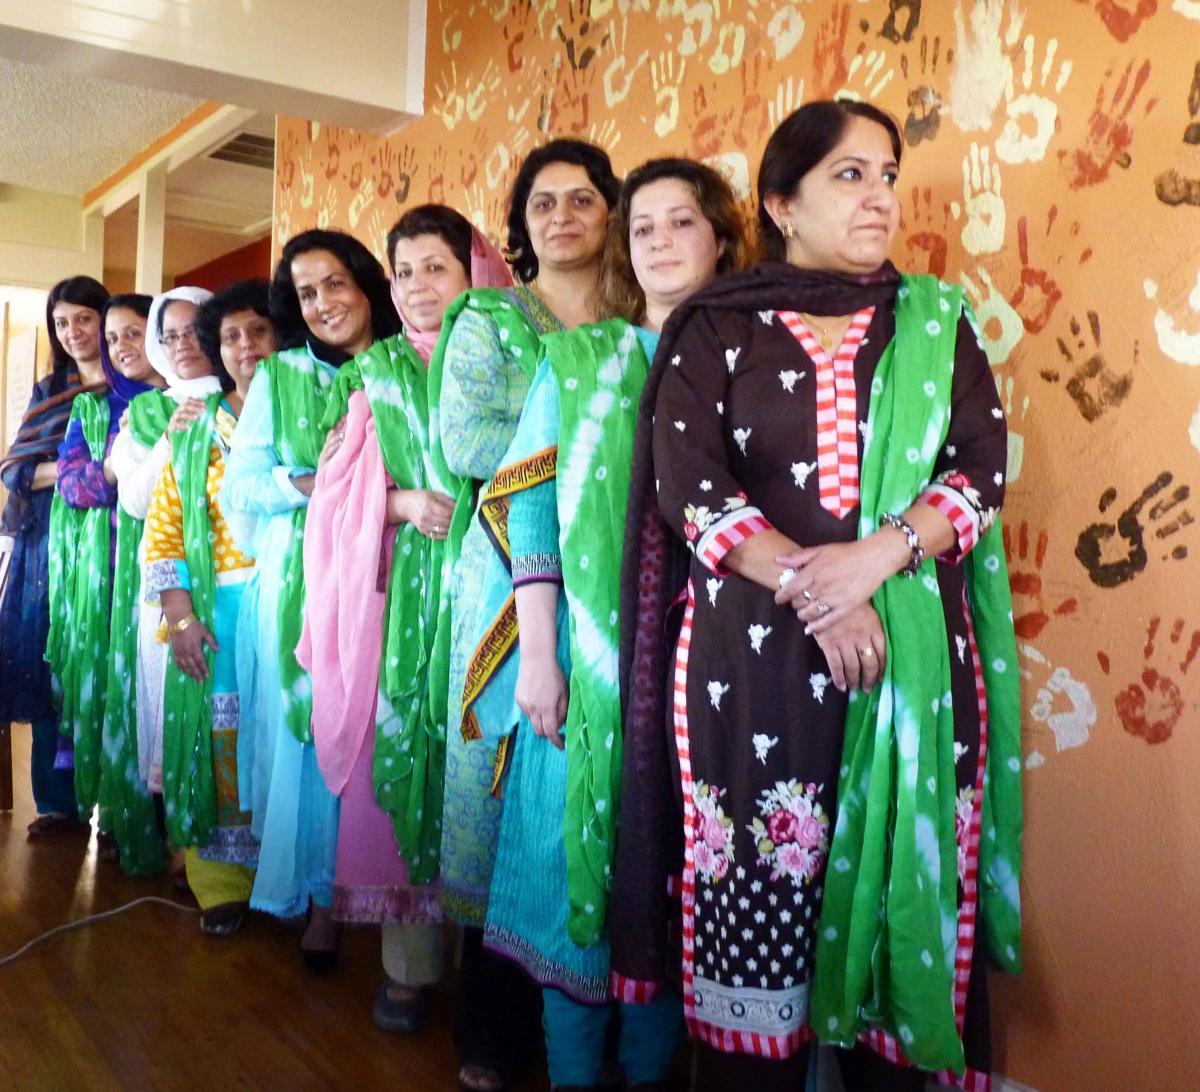 pakistani-woman-group.jpg